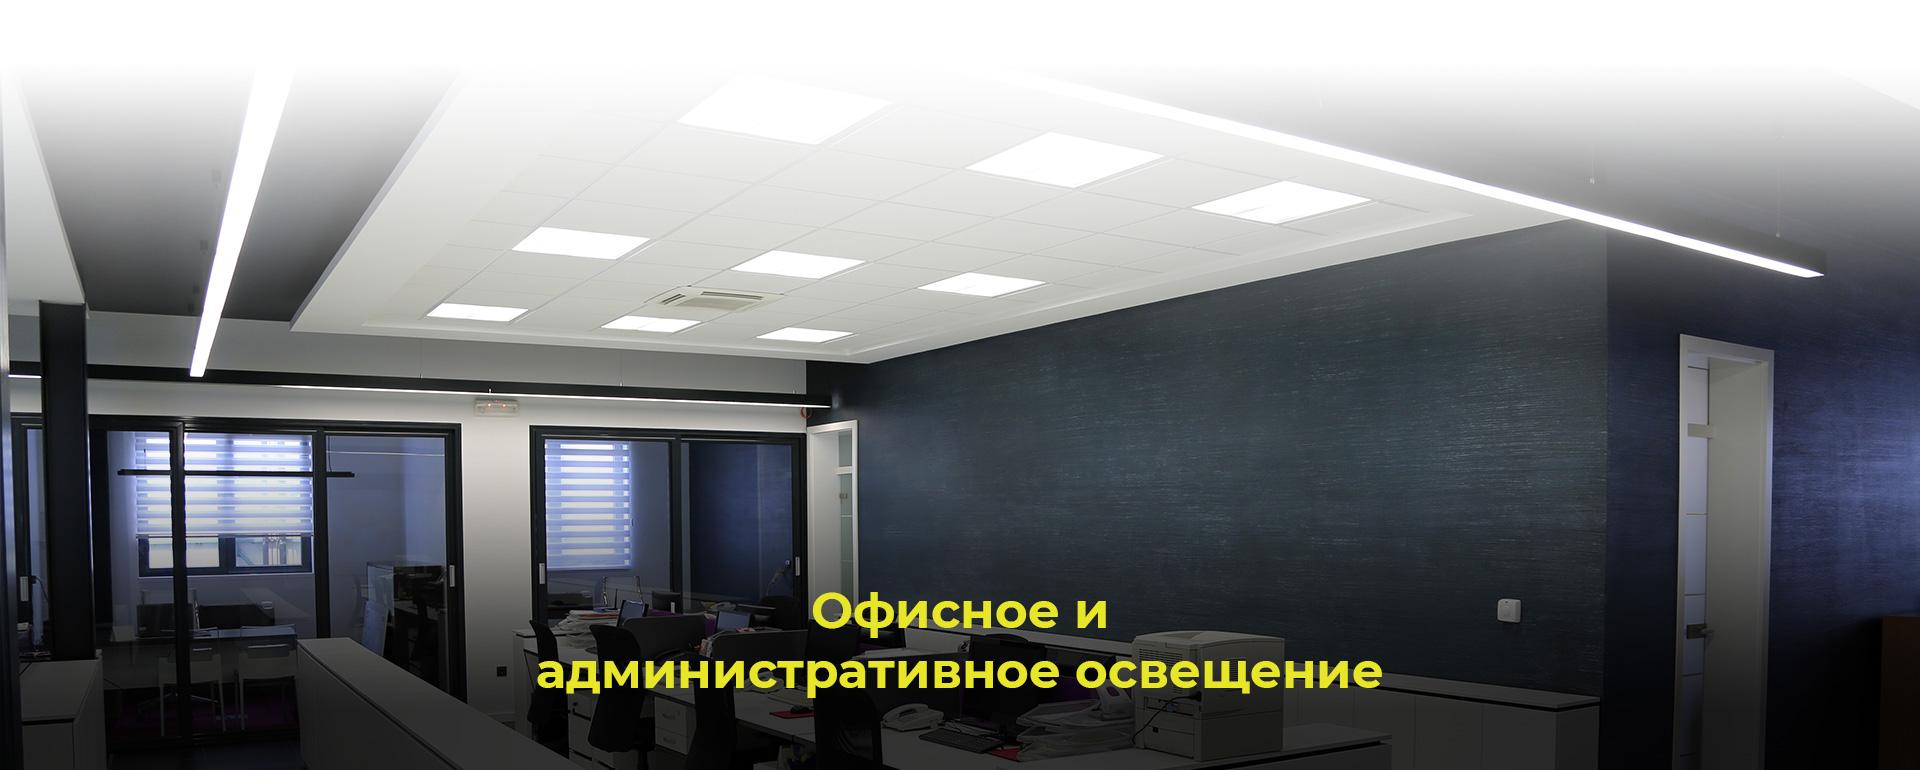 Офисное и административное освещение